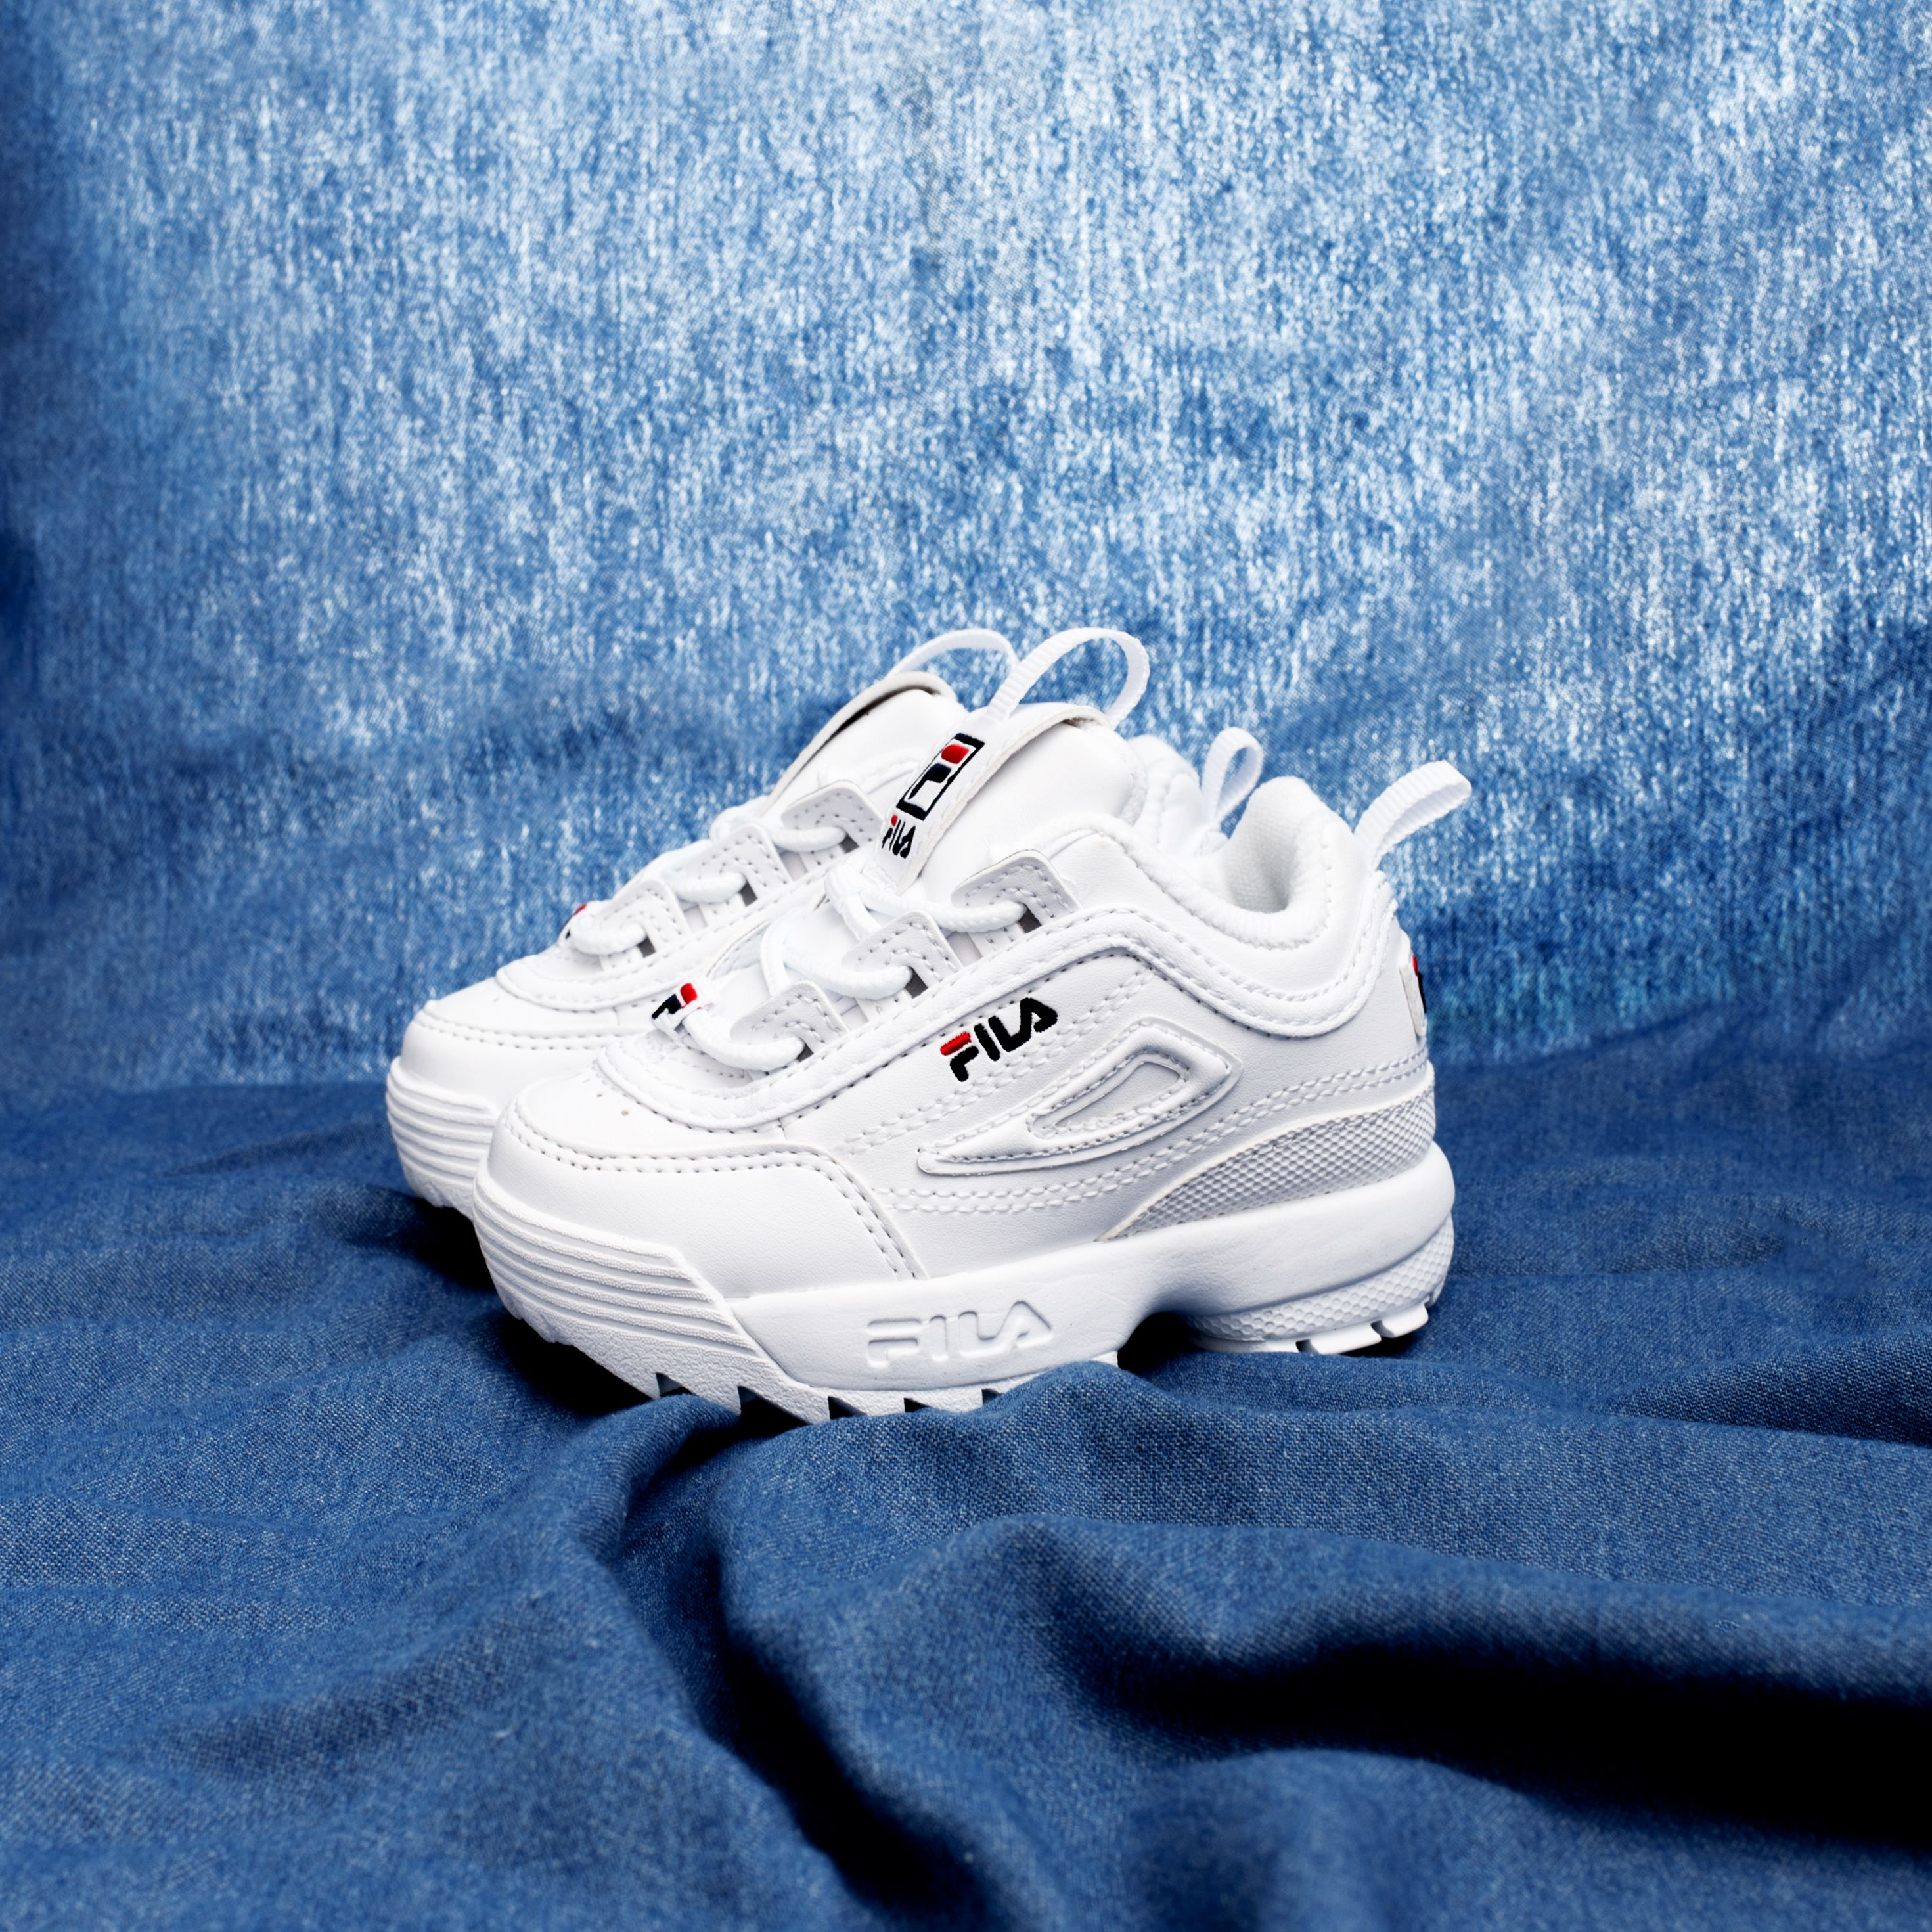 Casquettes adidas, tous les modèles Chausport